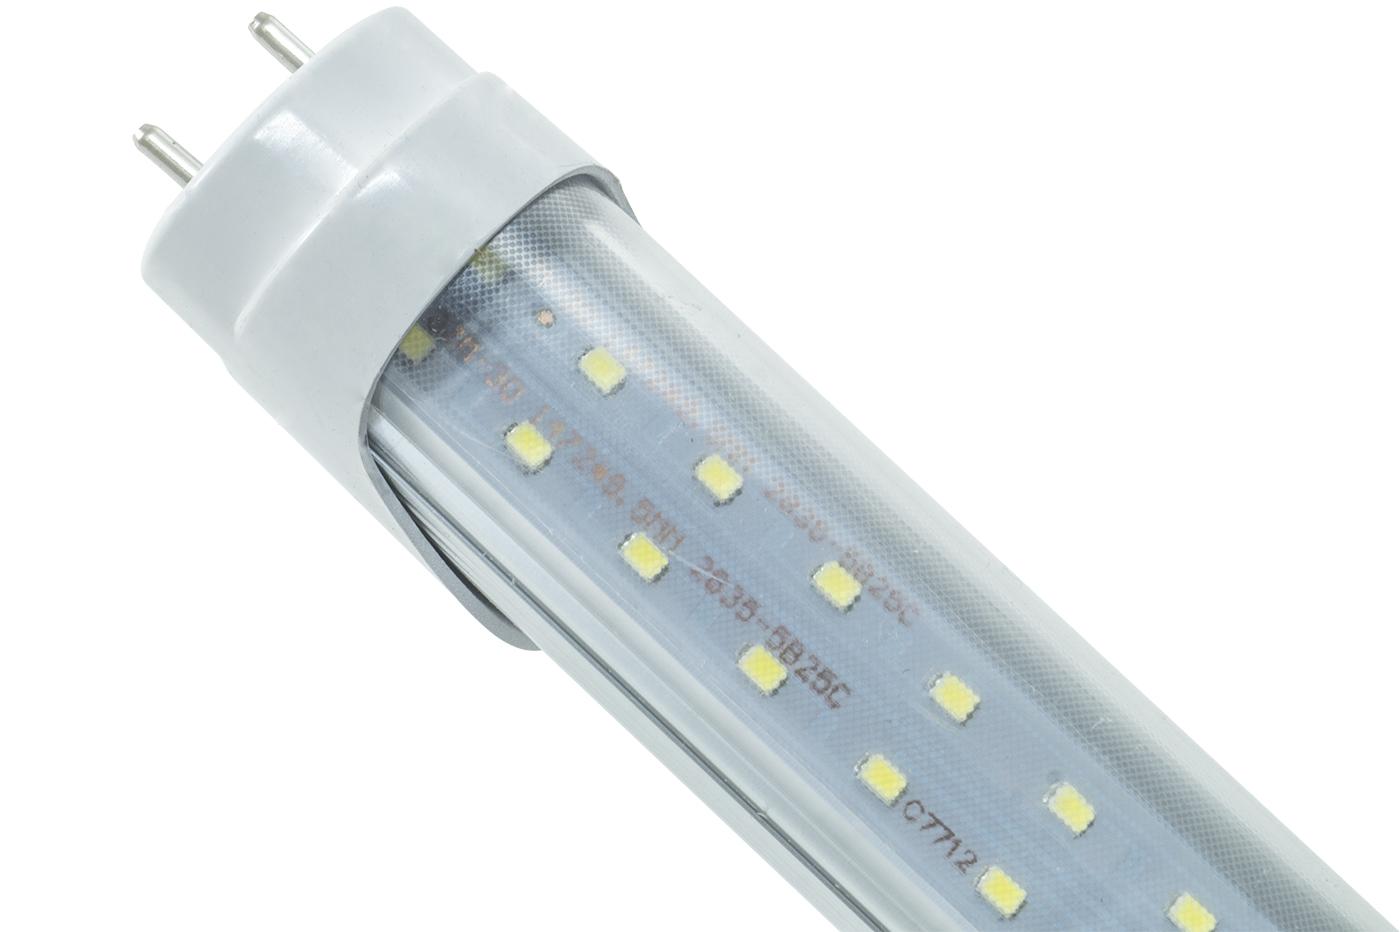 Plafoniera Tubi Led 120 Cm : Tubo led luce fredda w watt cm smd t plafoniera